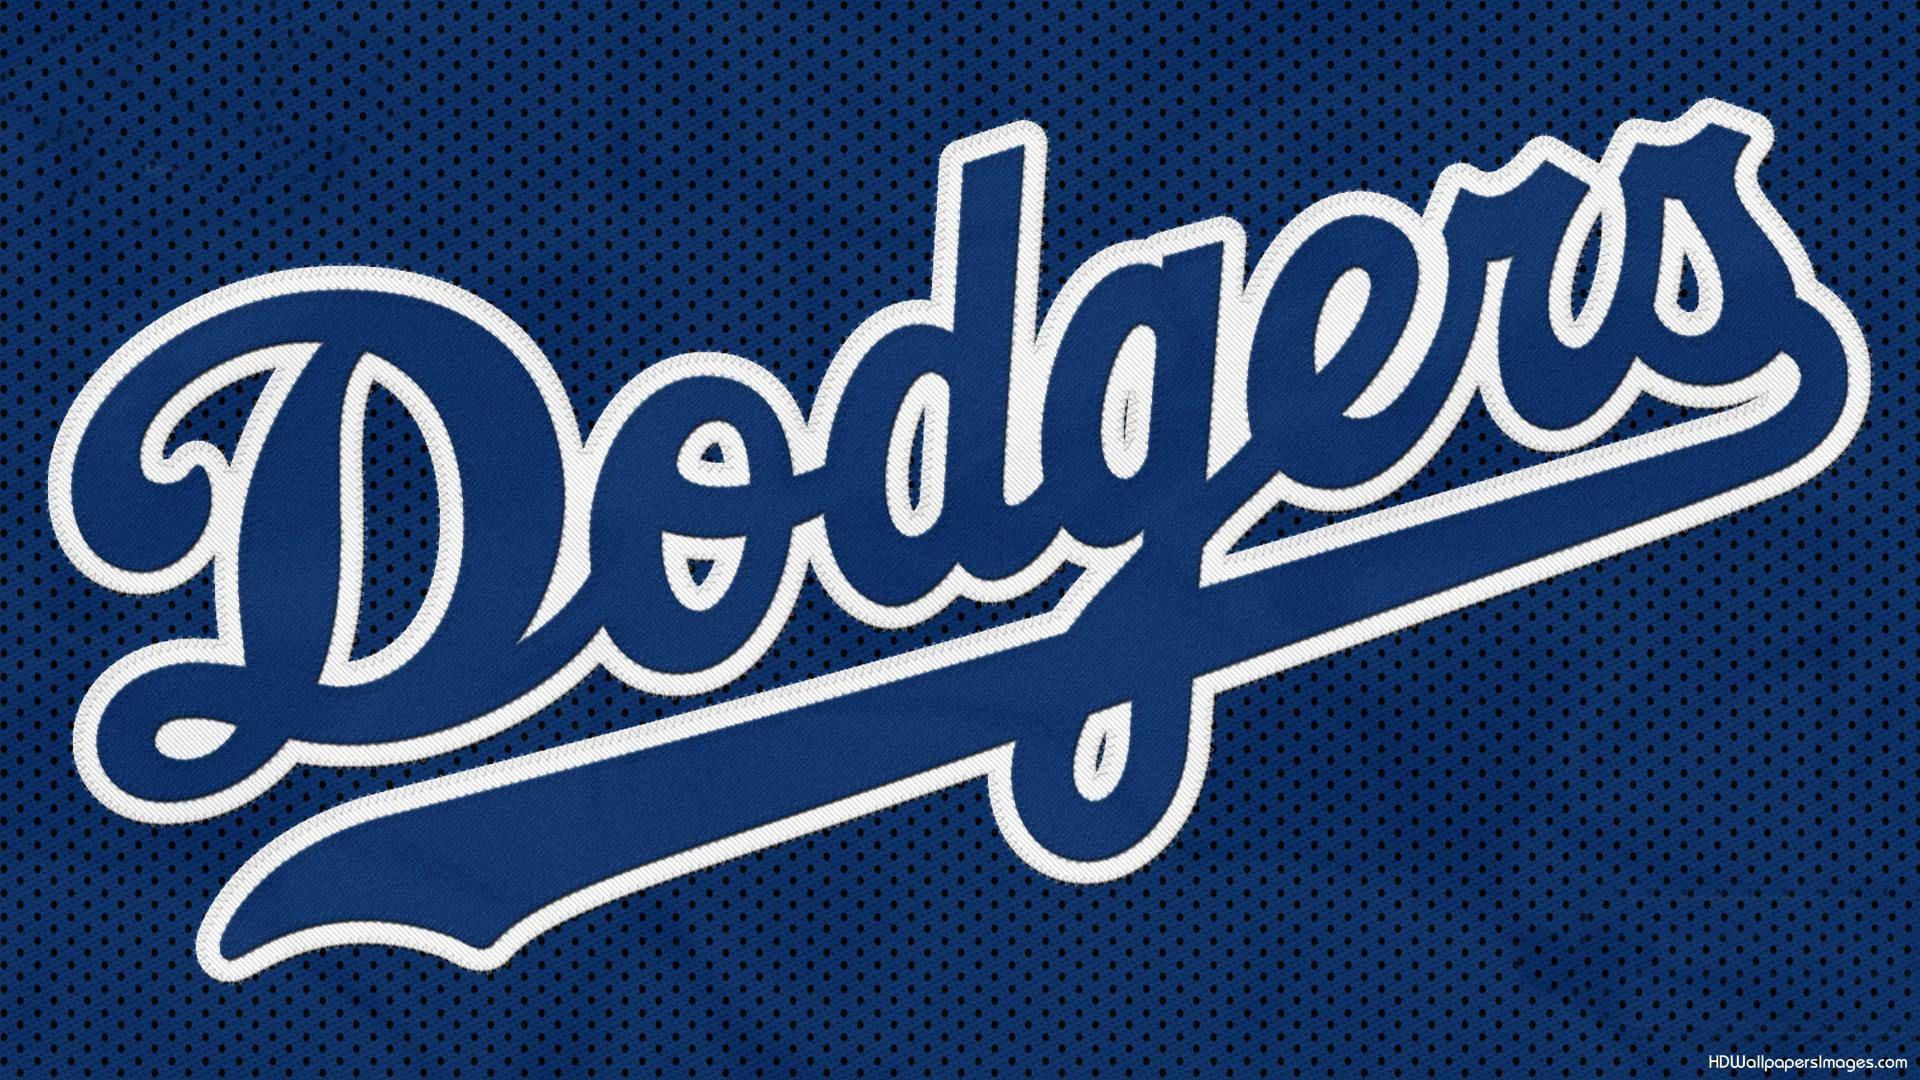 Dodgers de Los Ángeles hará recorte salarial a personal